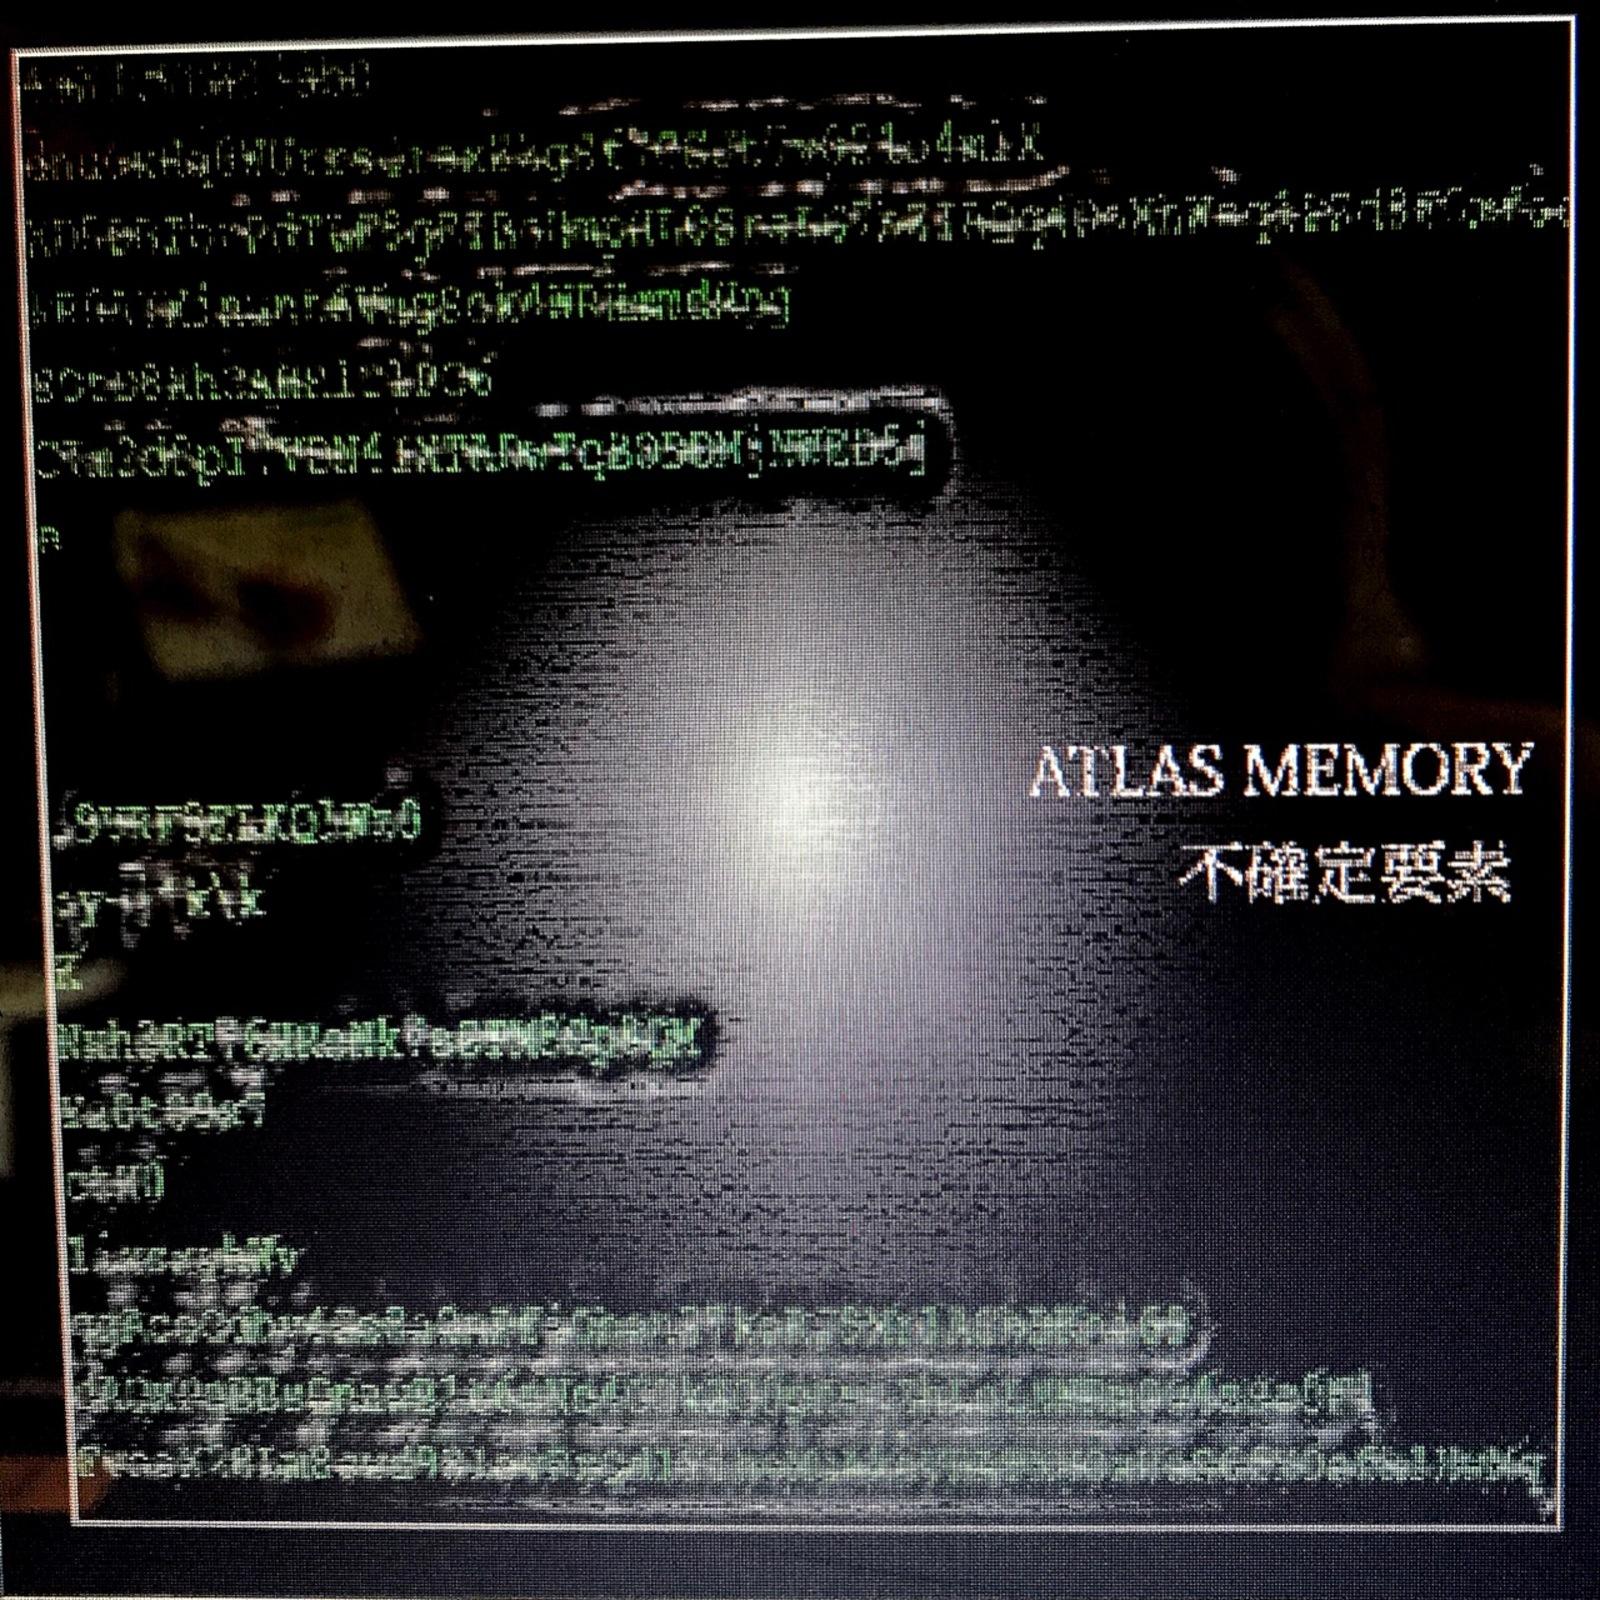 ATLAS MEMORY